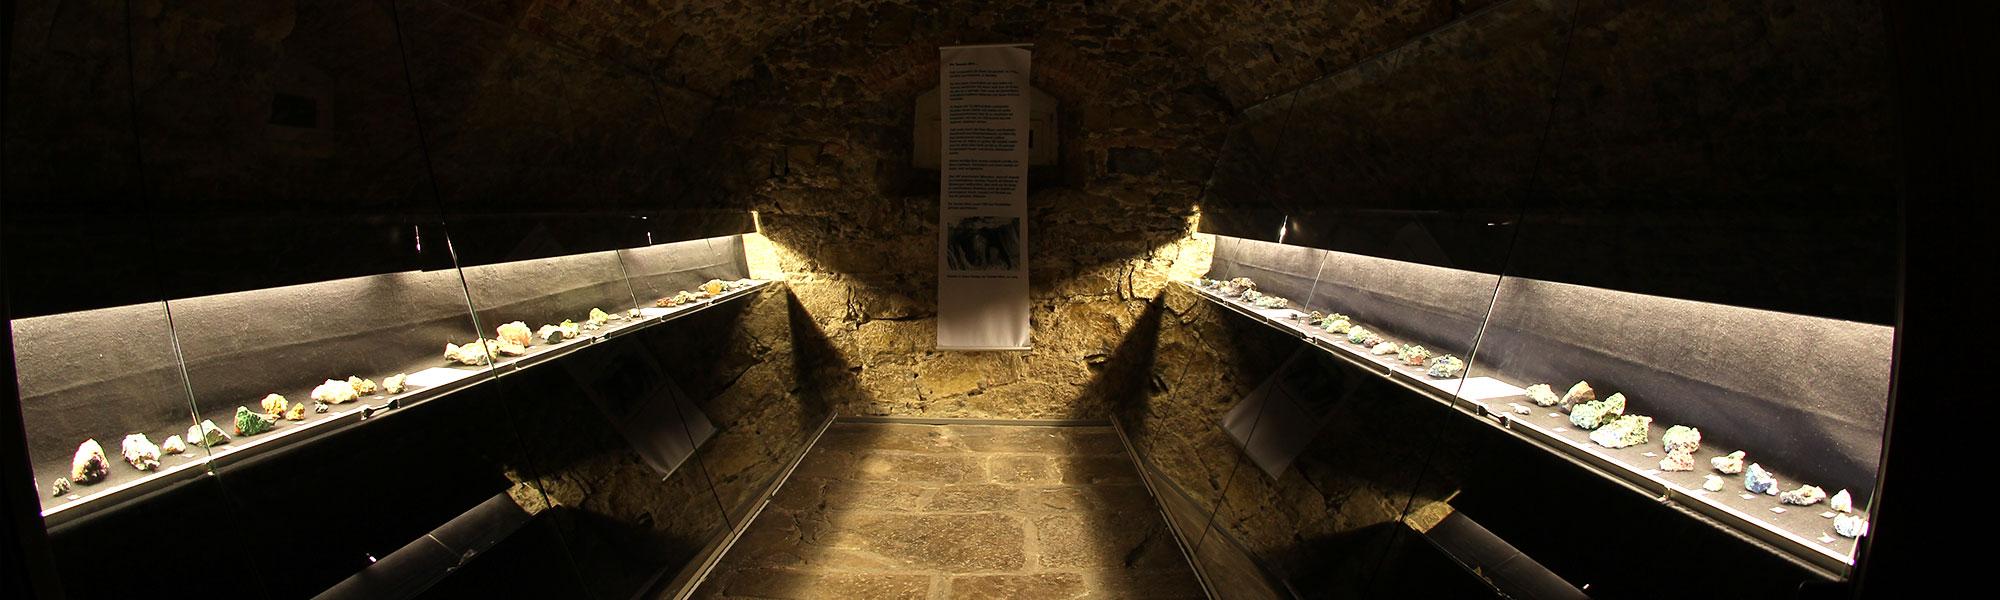 museum-auberlehaus-trossingen-mineraliengewoelbe-headerbild